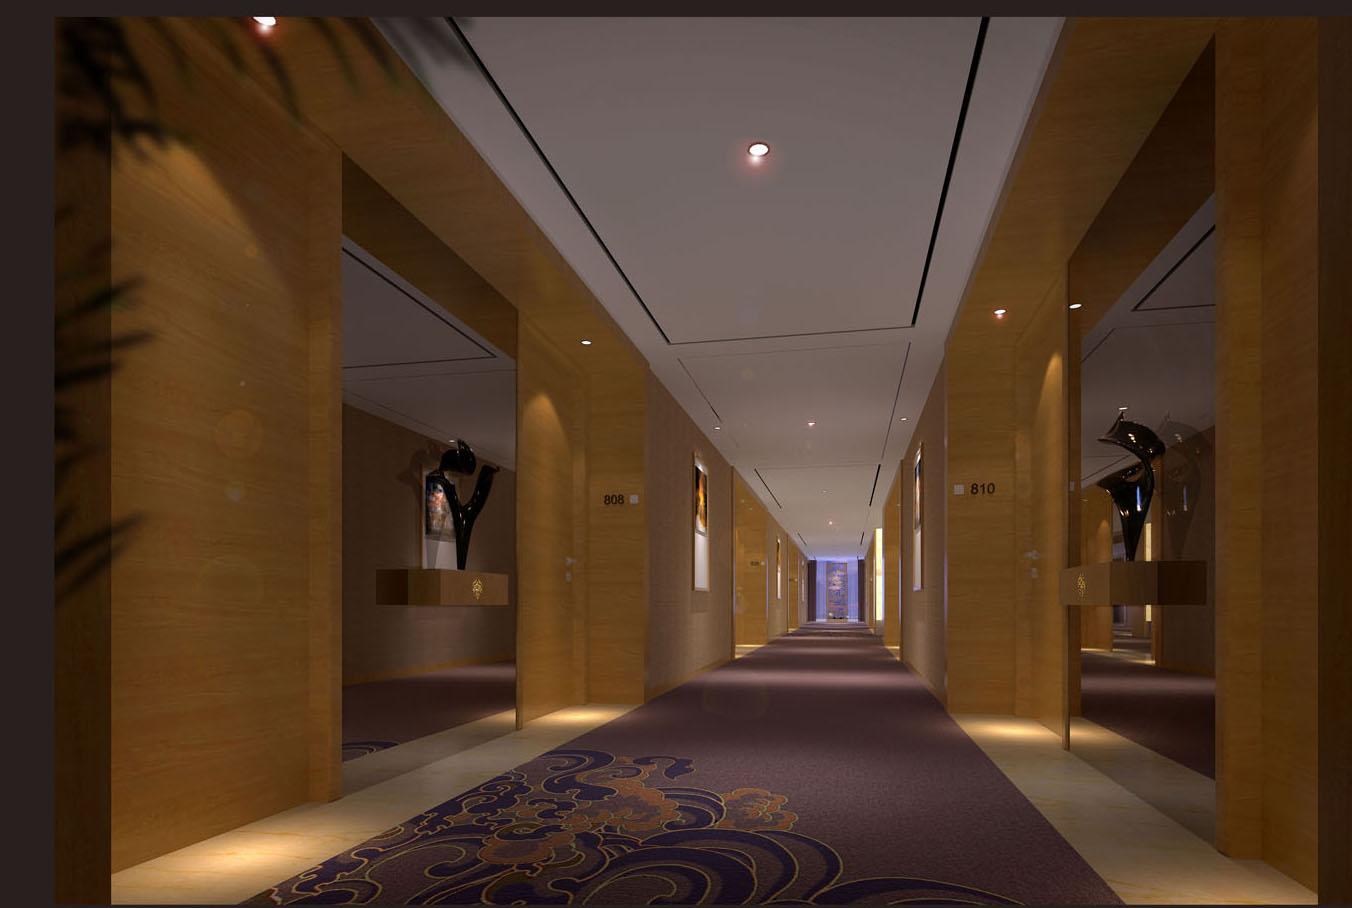 走廊电梯厅效果图 - 图片库